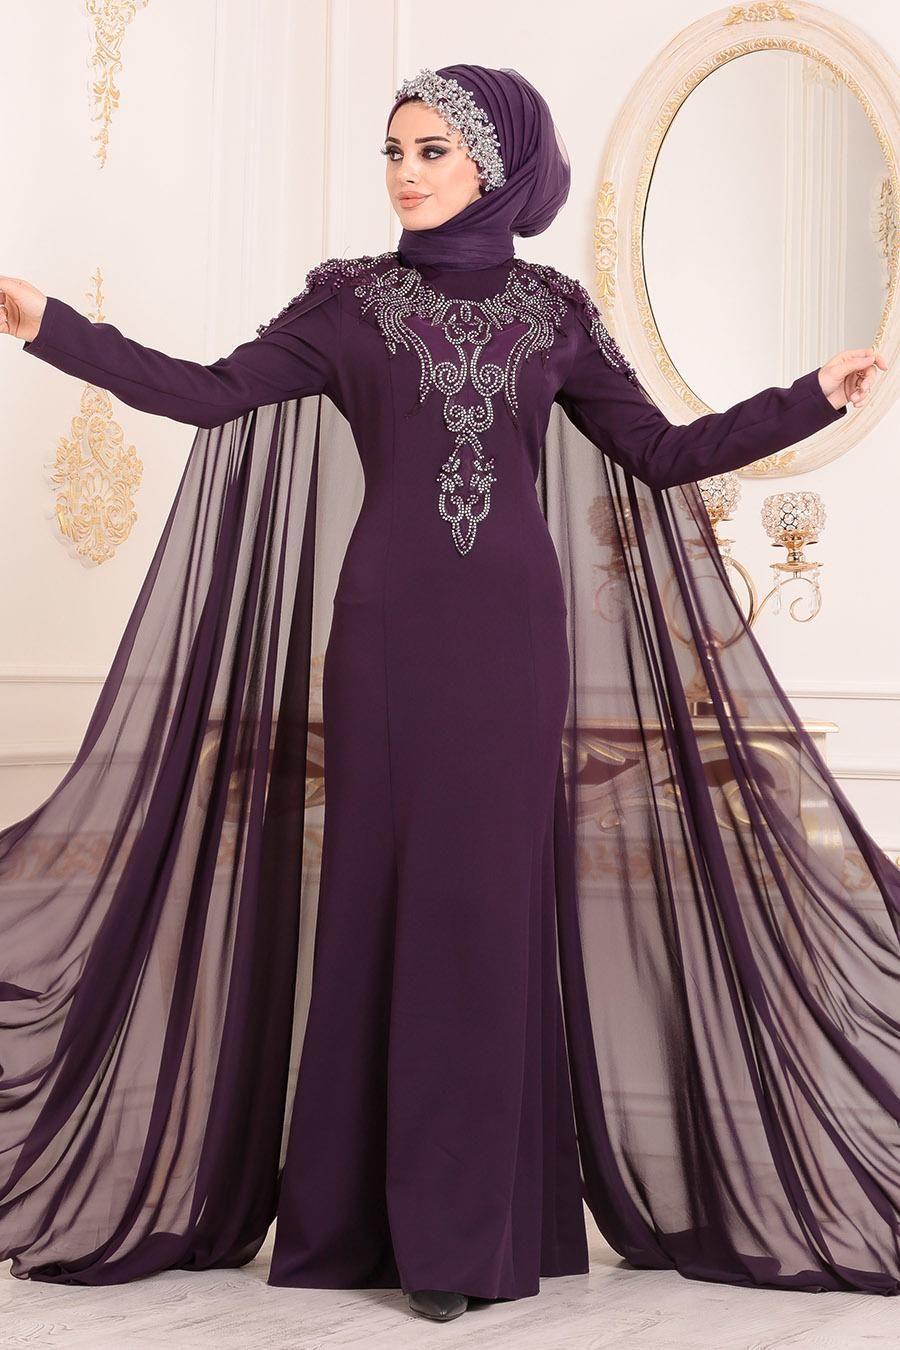 Nayla Collection Tas Islemeli Pelerinli Mor Tesettur Abiye Elbise 25738mor Tesetturisland Com Elbise Moda Stilleri Giyim